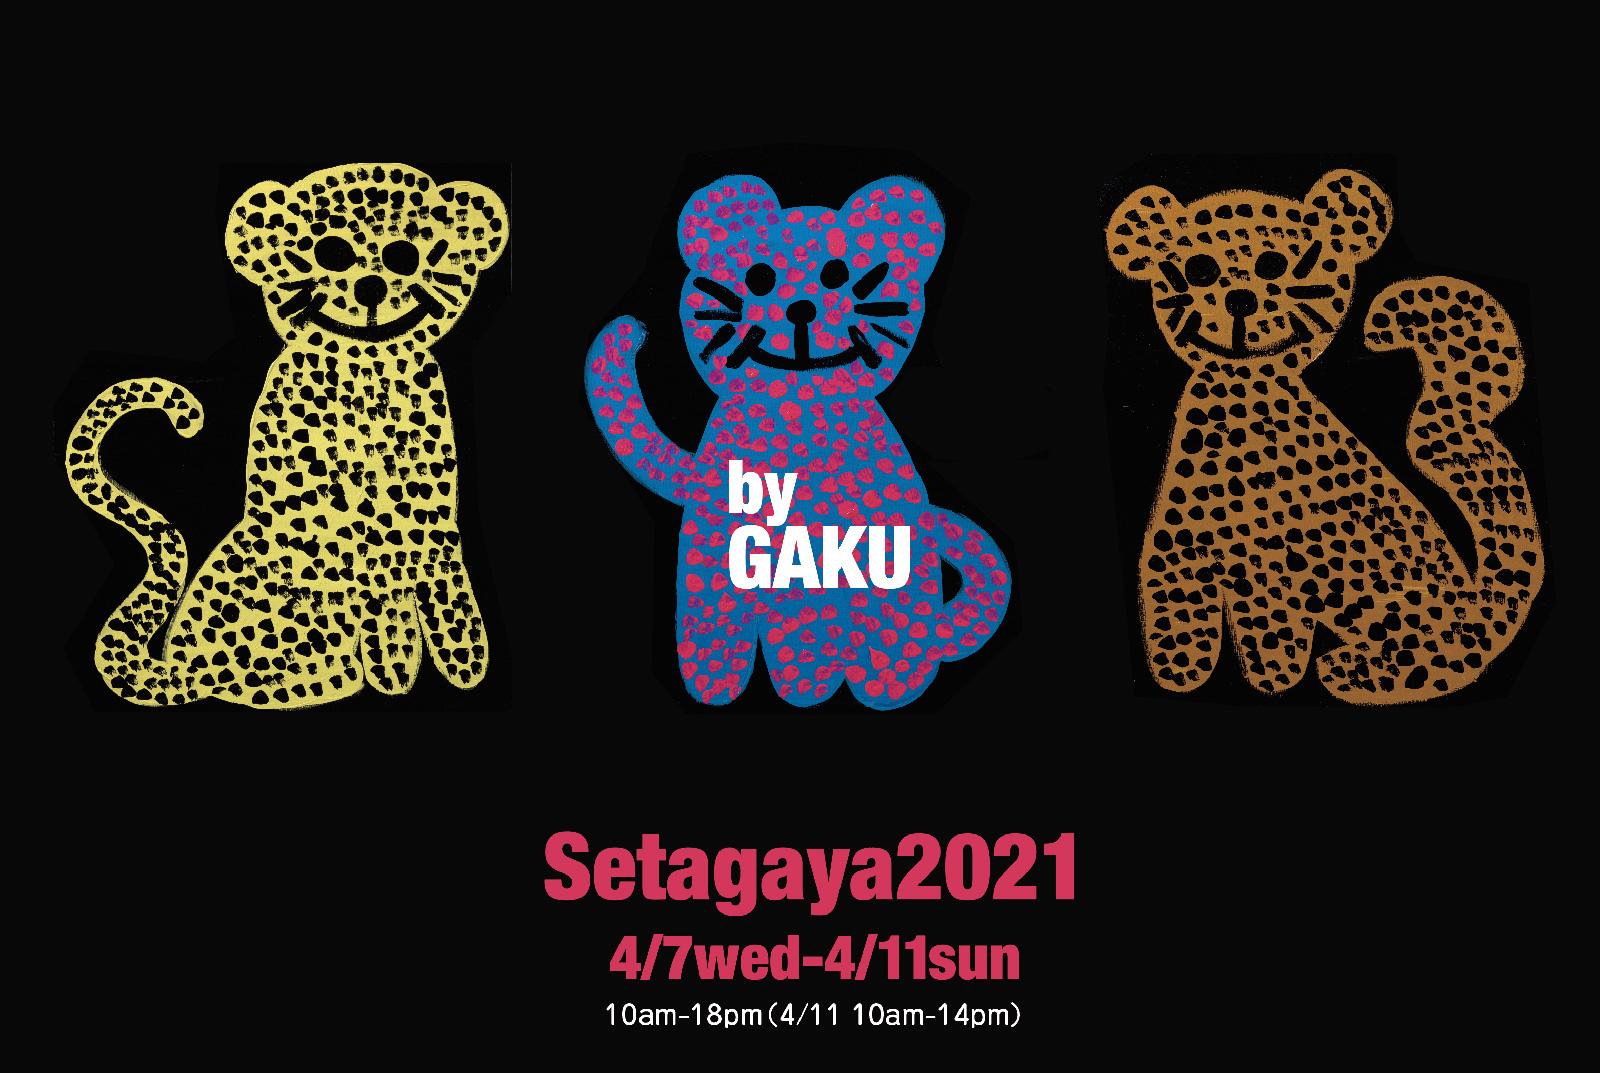 byGAKU-Setagaya2021